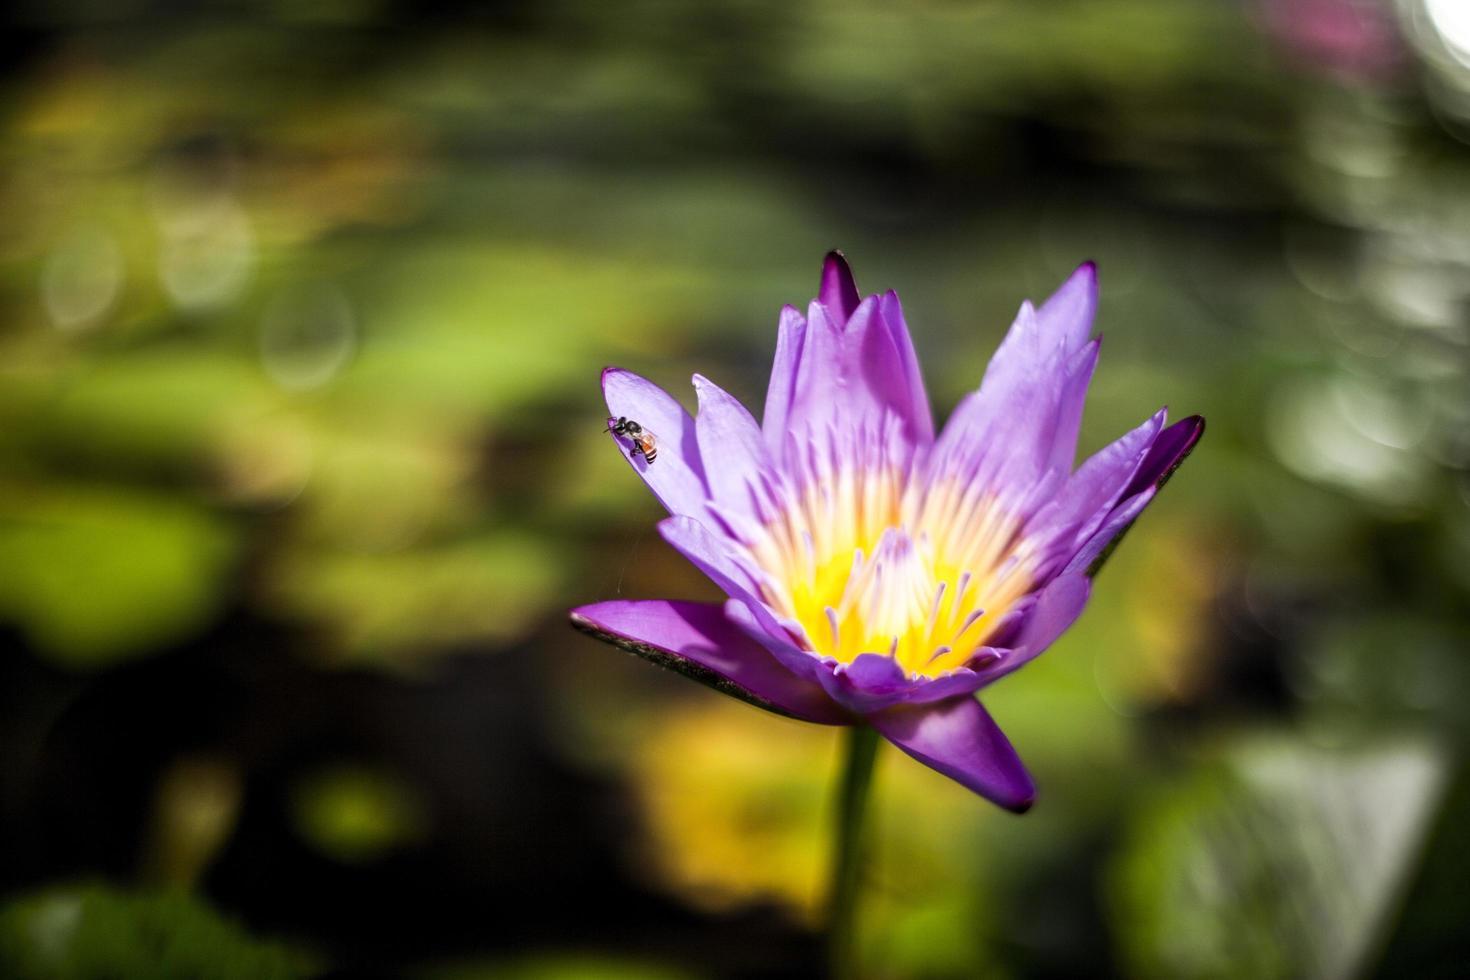 fleur de lotus pourpre photo